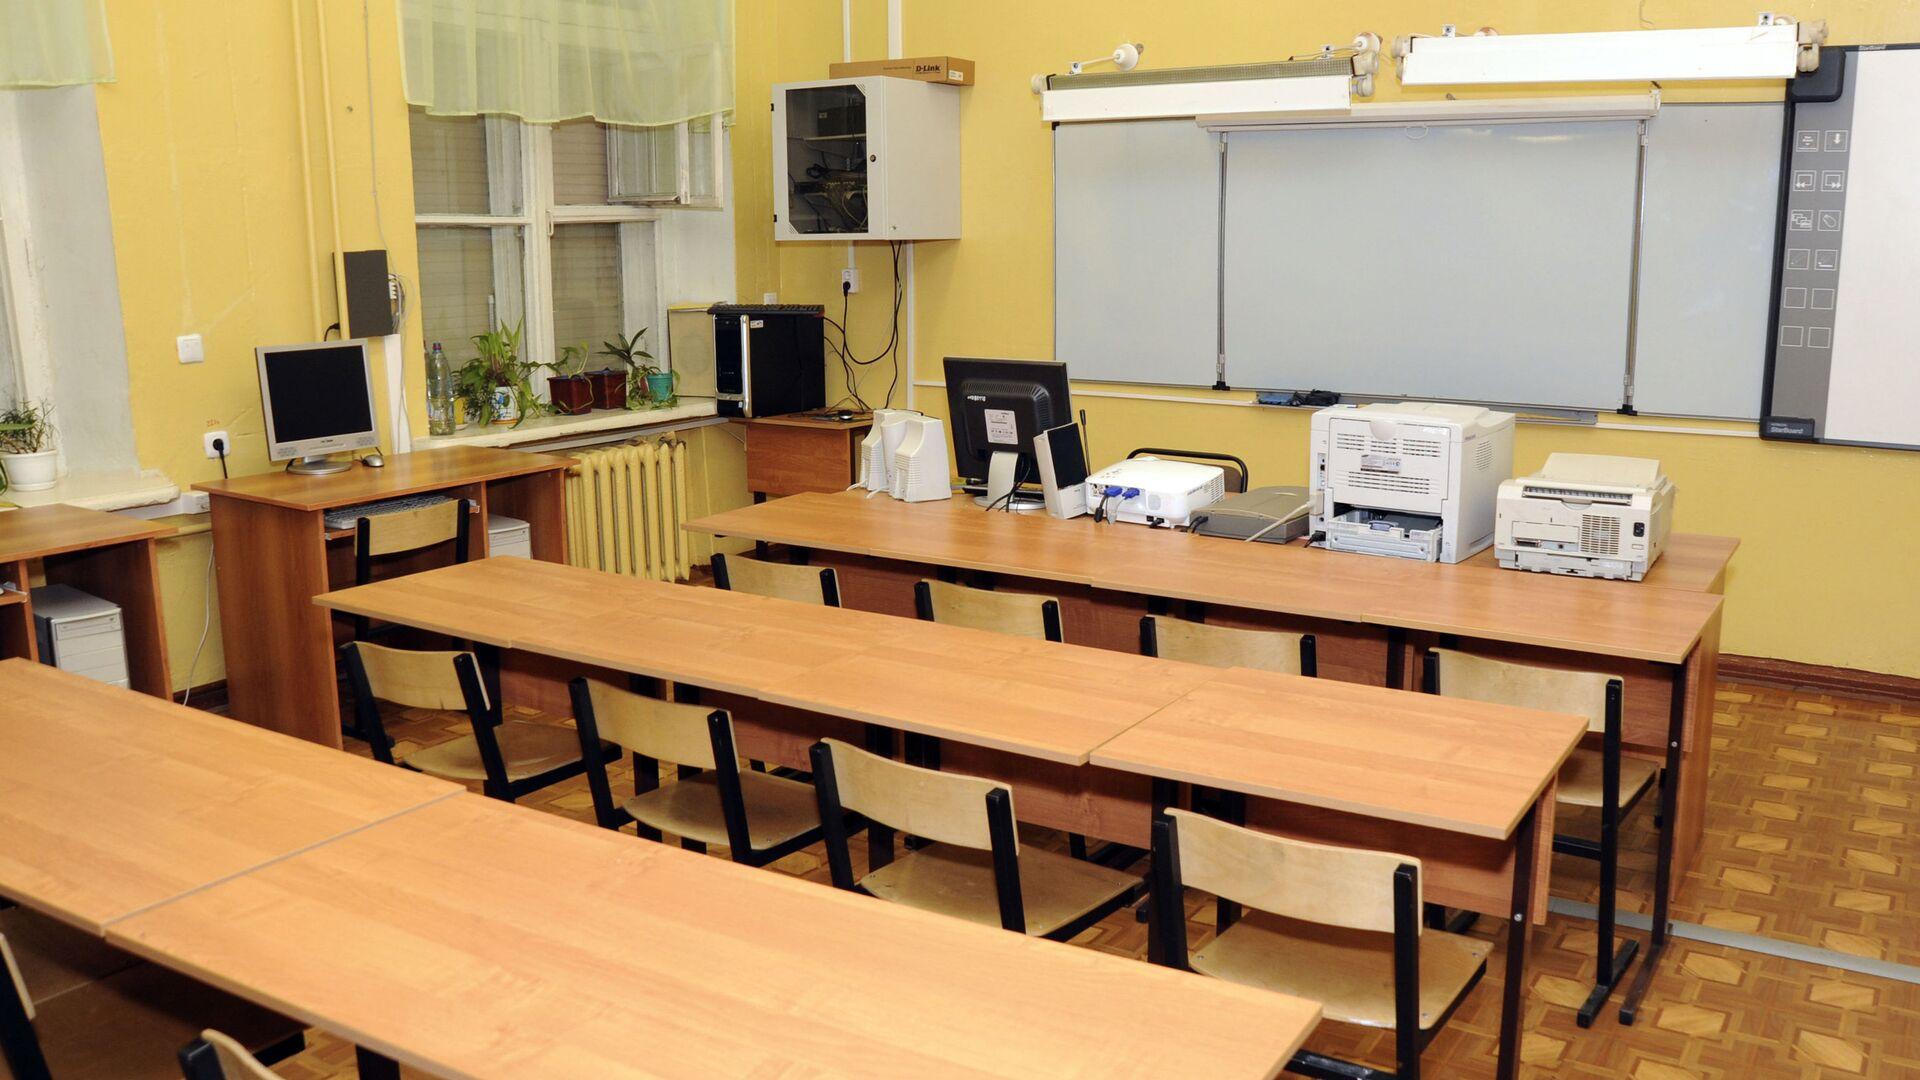 Школа  - Sputnik Таджикистан, 1920, 22.09.2021